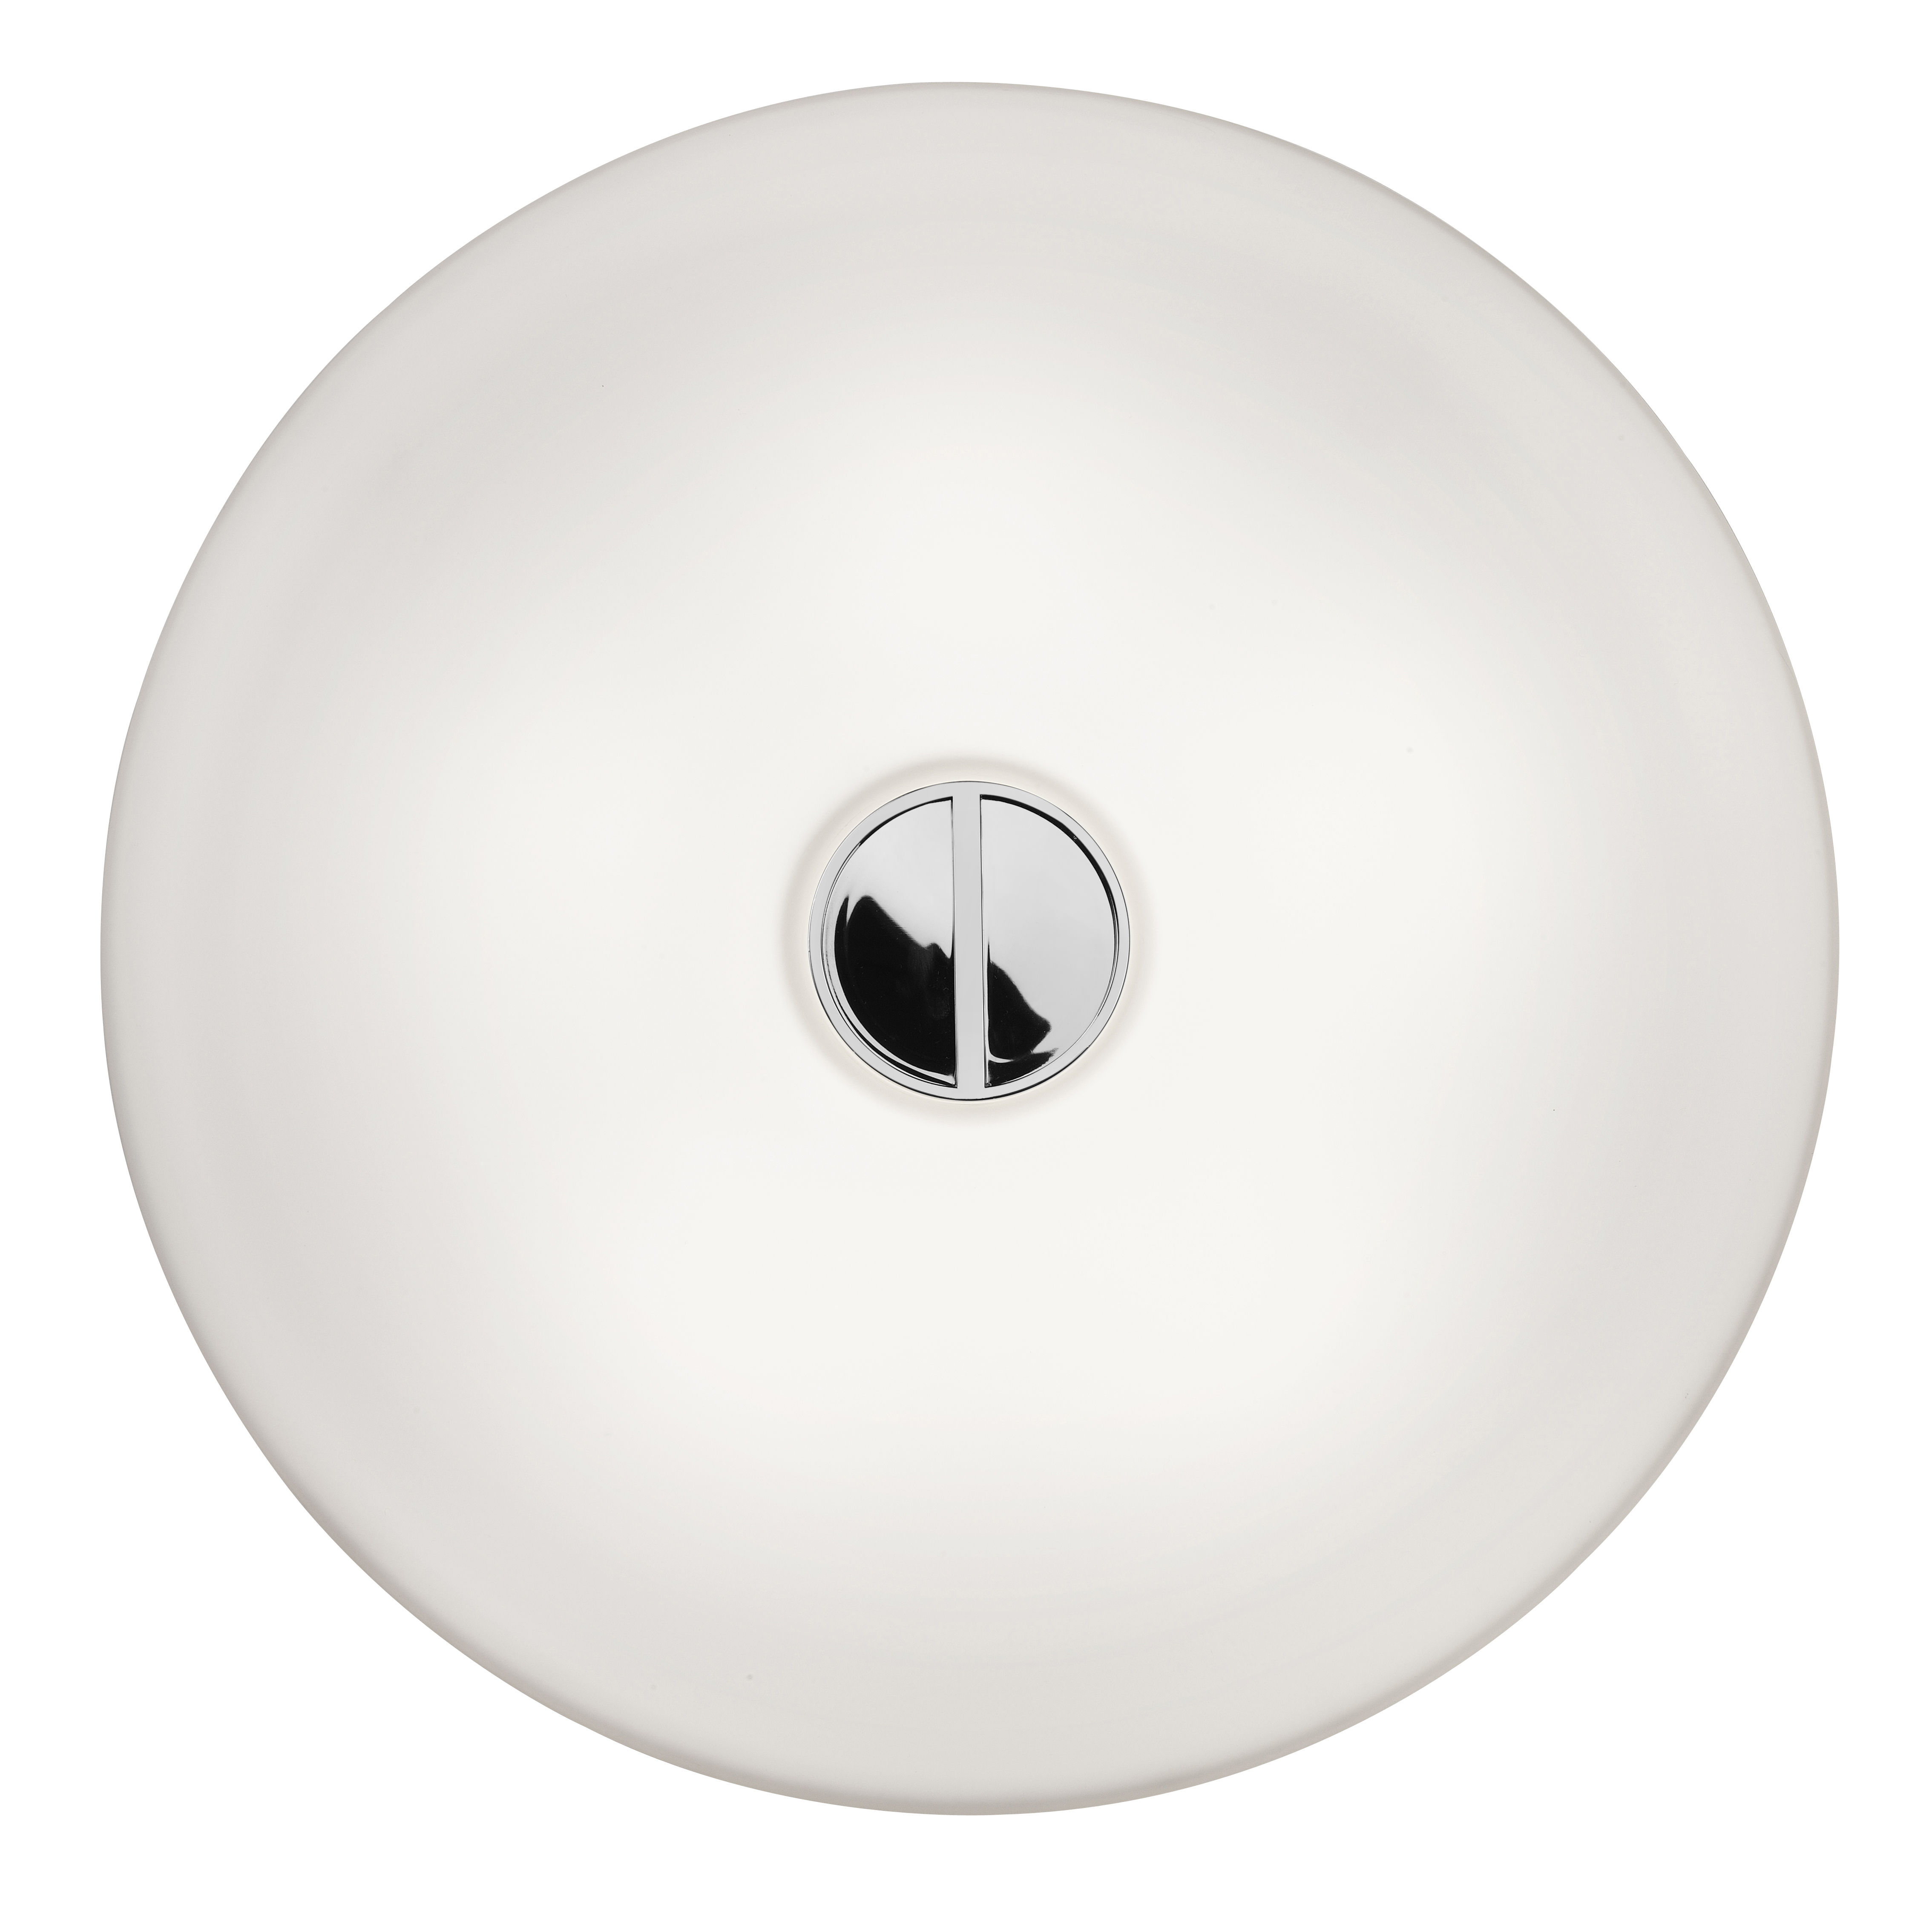 Leuchten - Wandleuchten - Button Wandleuchte Deckenleuchte - Flos - Weiß / weiß - Polykarbonat